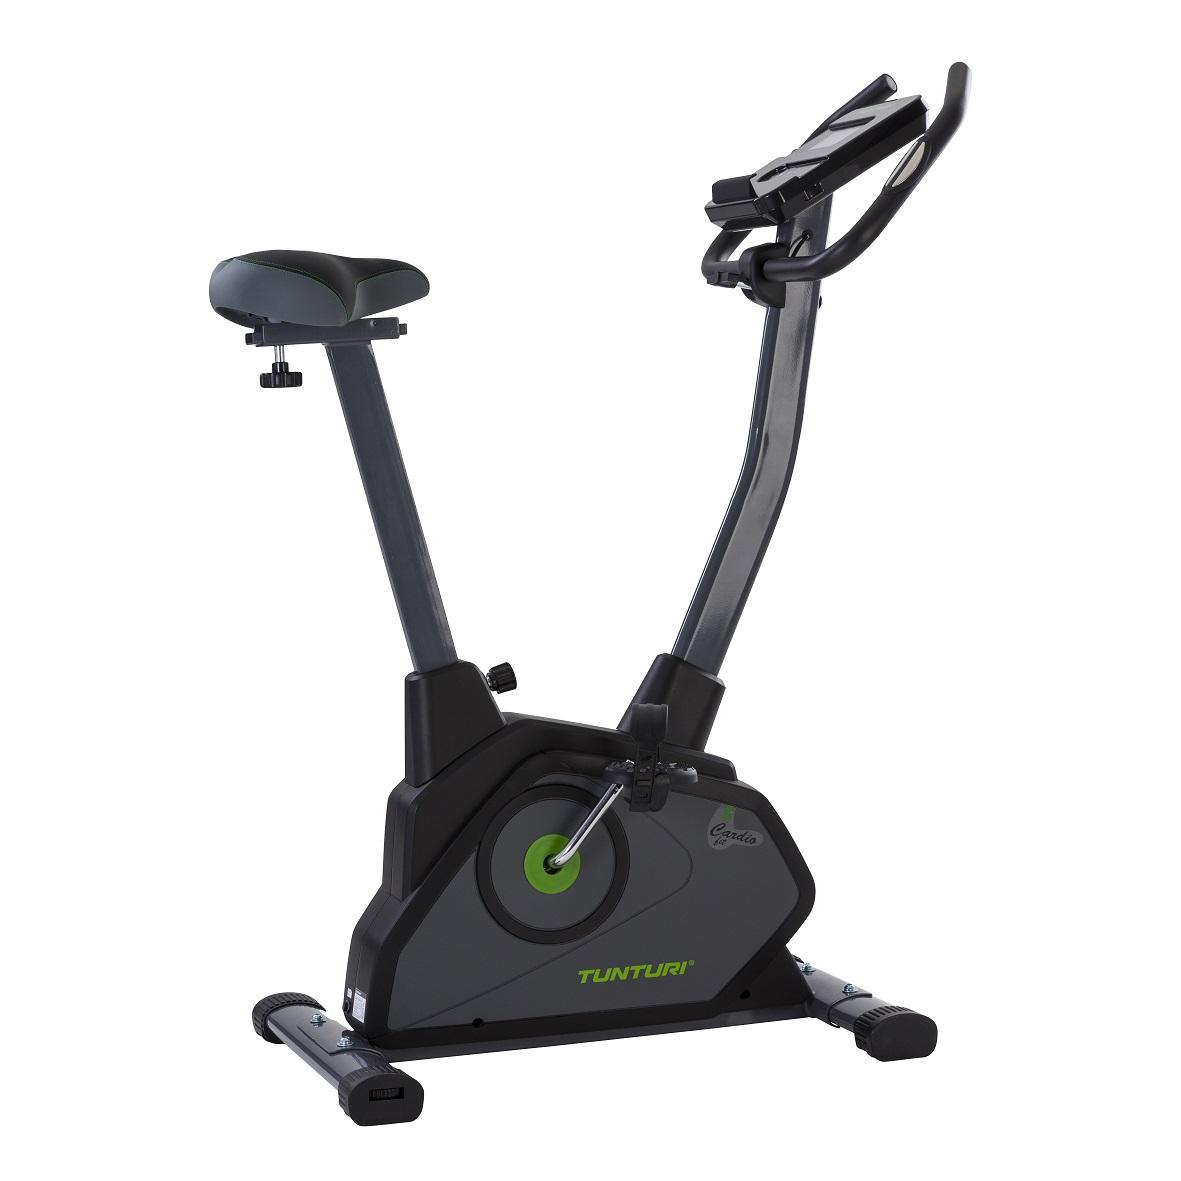 Tunturifitnessonline  - Tunturi Cardio Fit E35 Ergometer Hometrainer